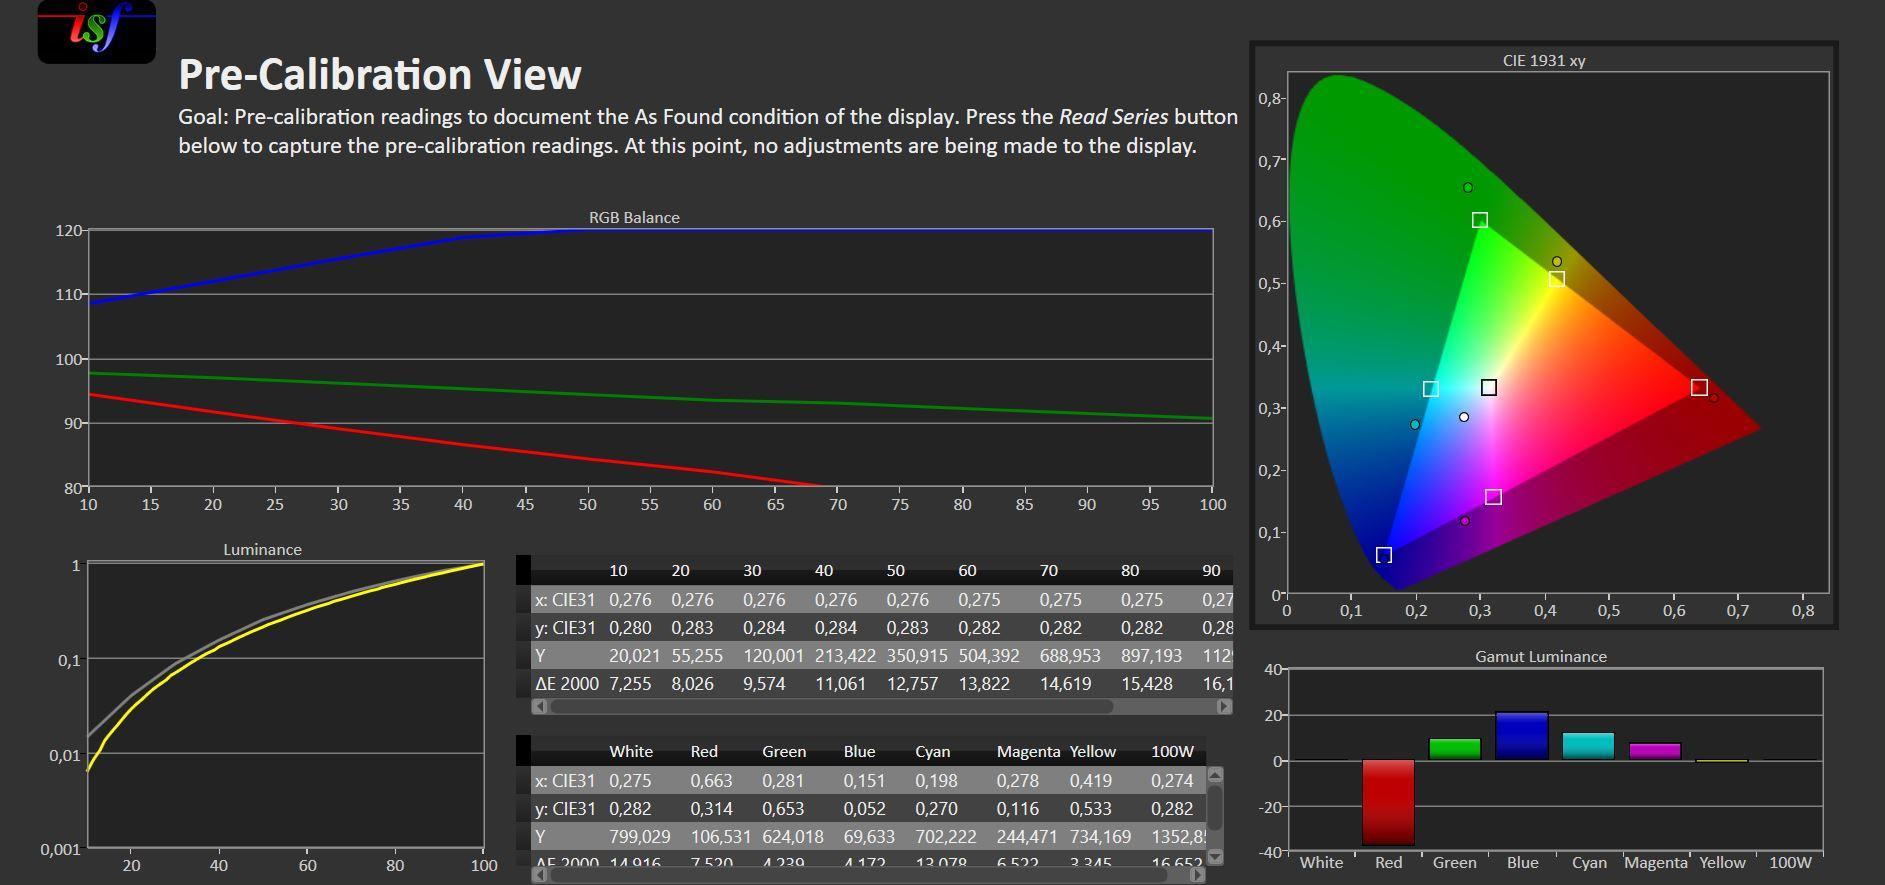 Standard-modusen måler ikke spesielt bra. Men i praksis fungerer det meget bra ute i sollyset.